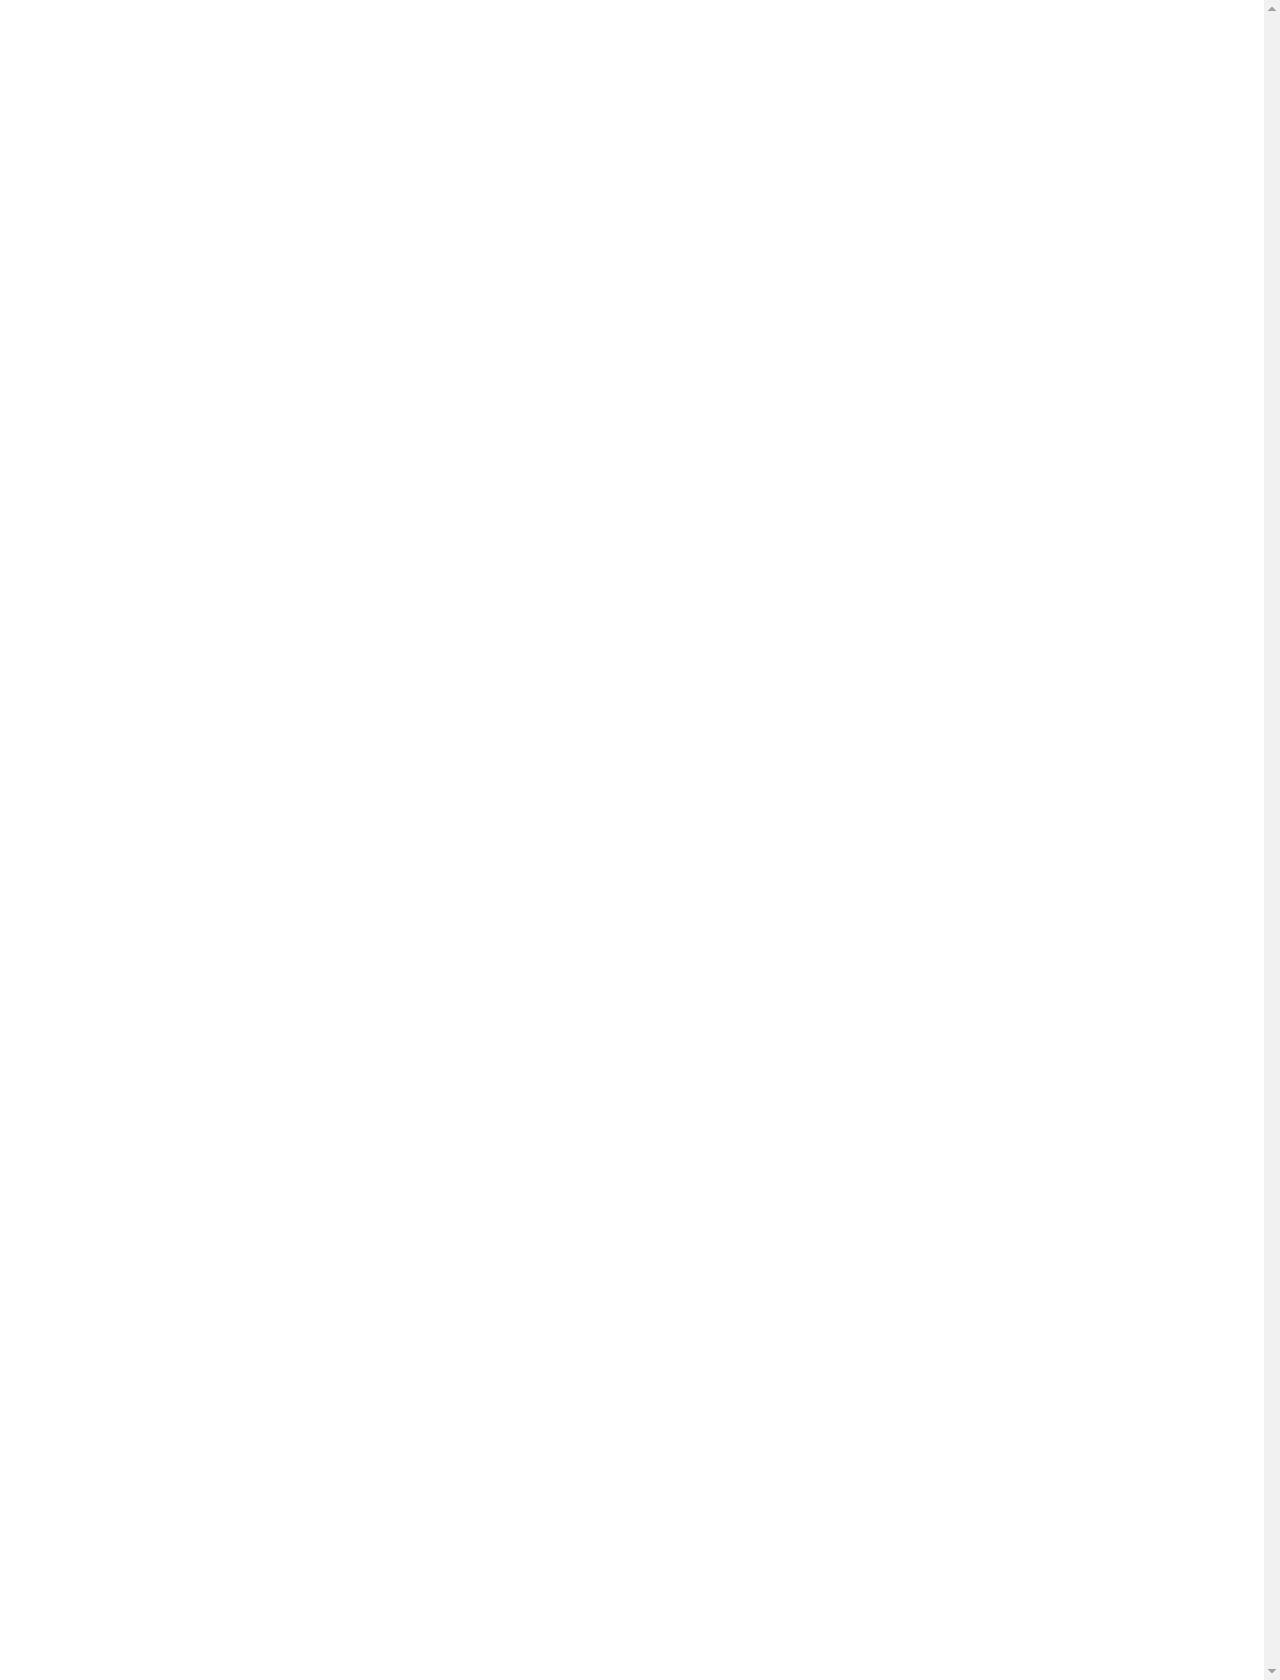 Screenshot Desktop - https://ekh.me/login